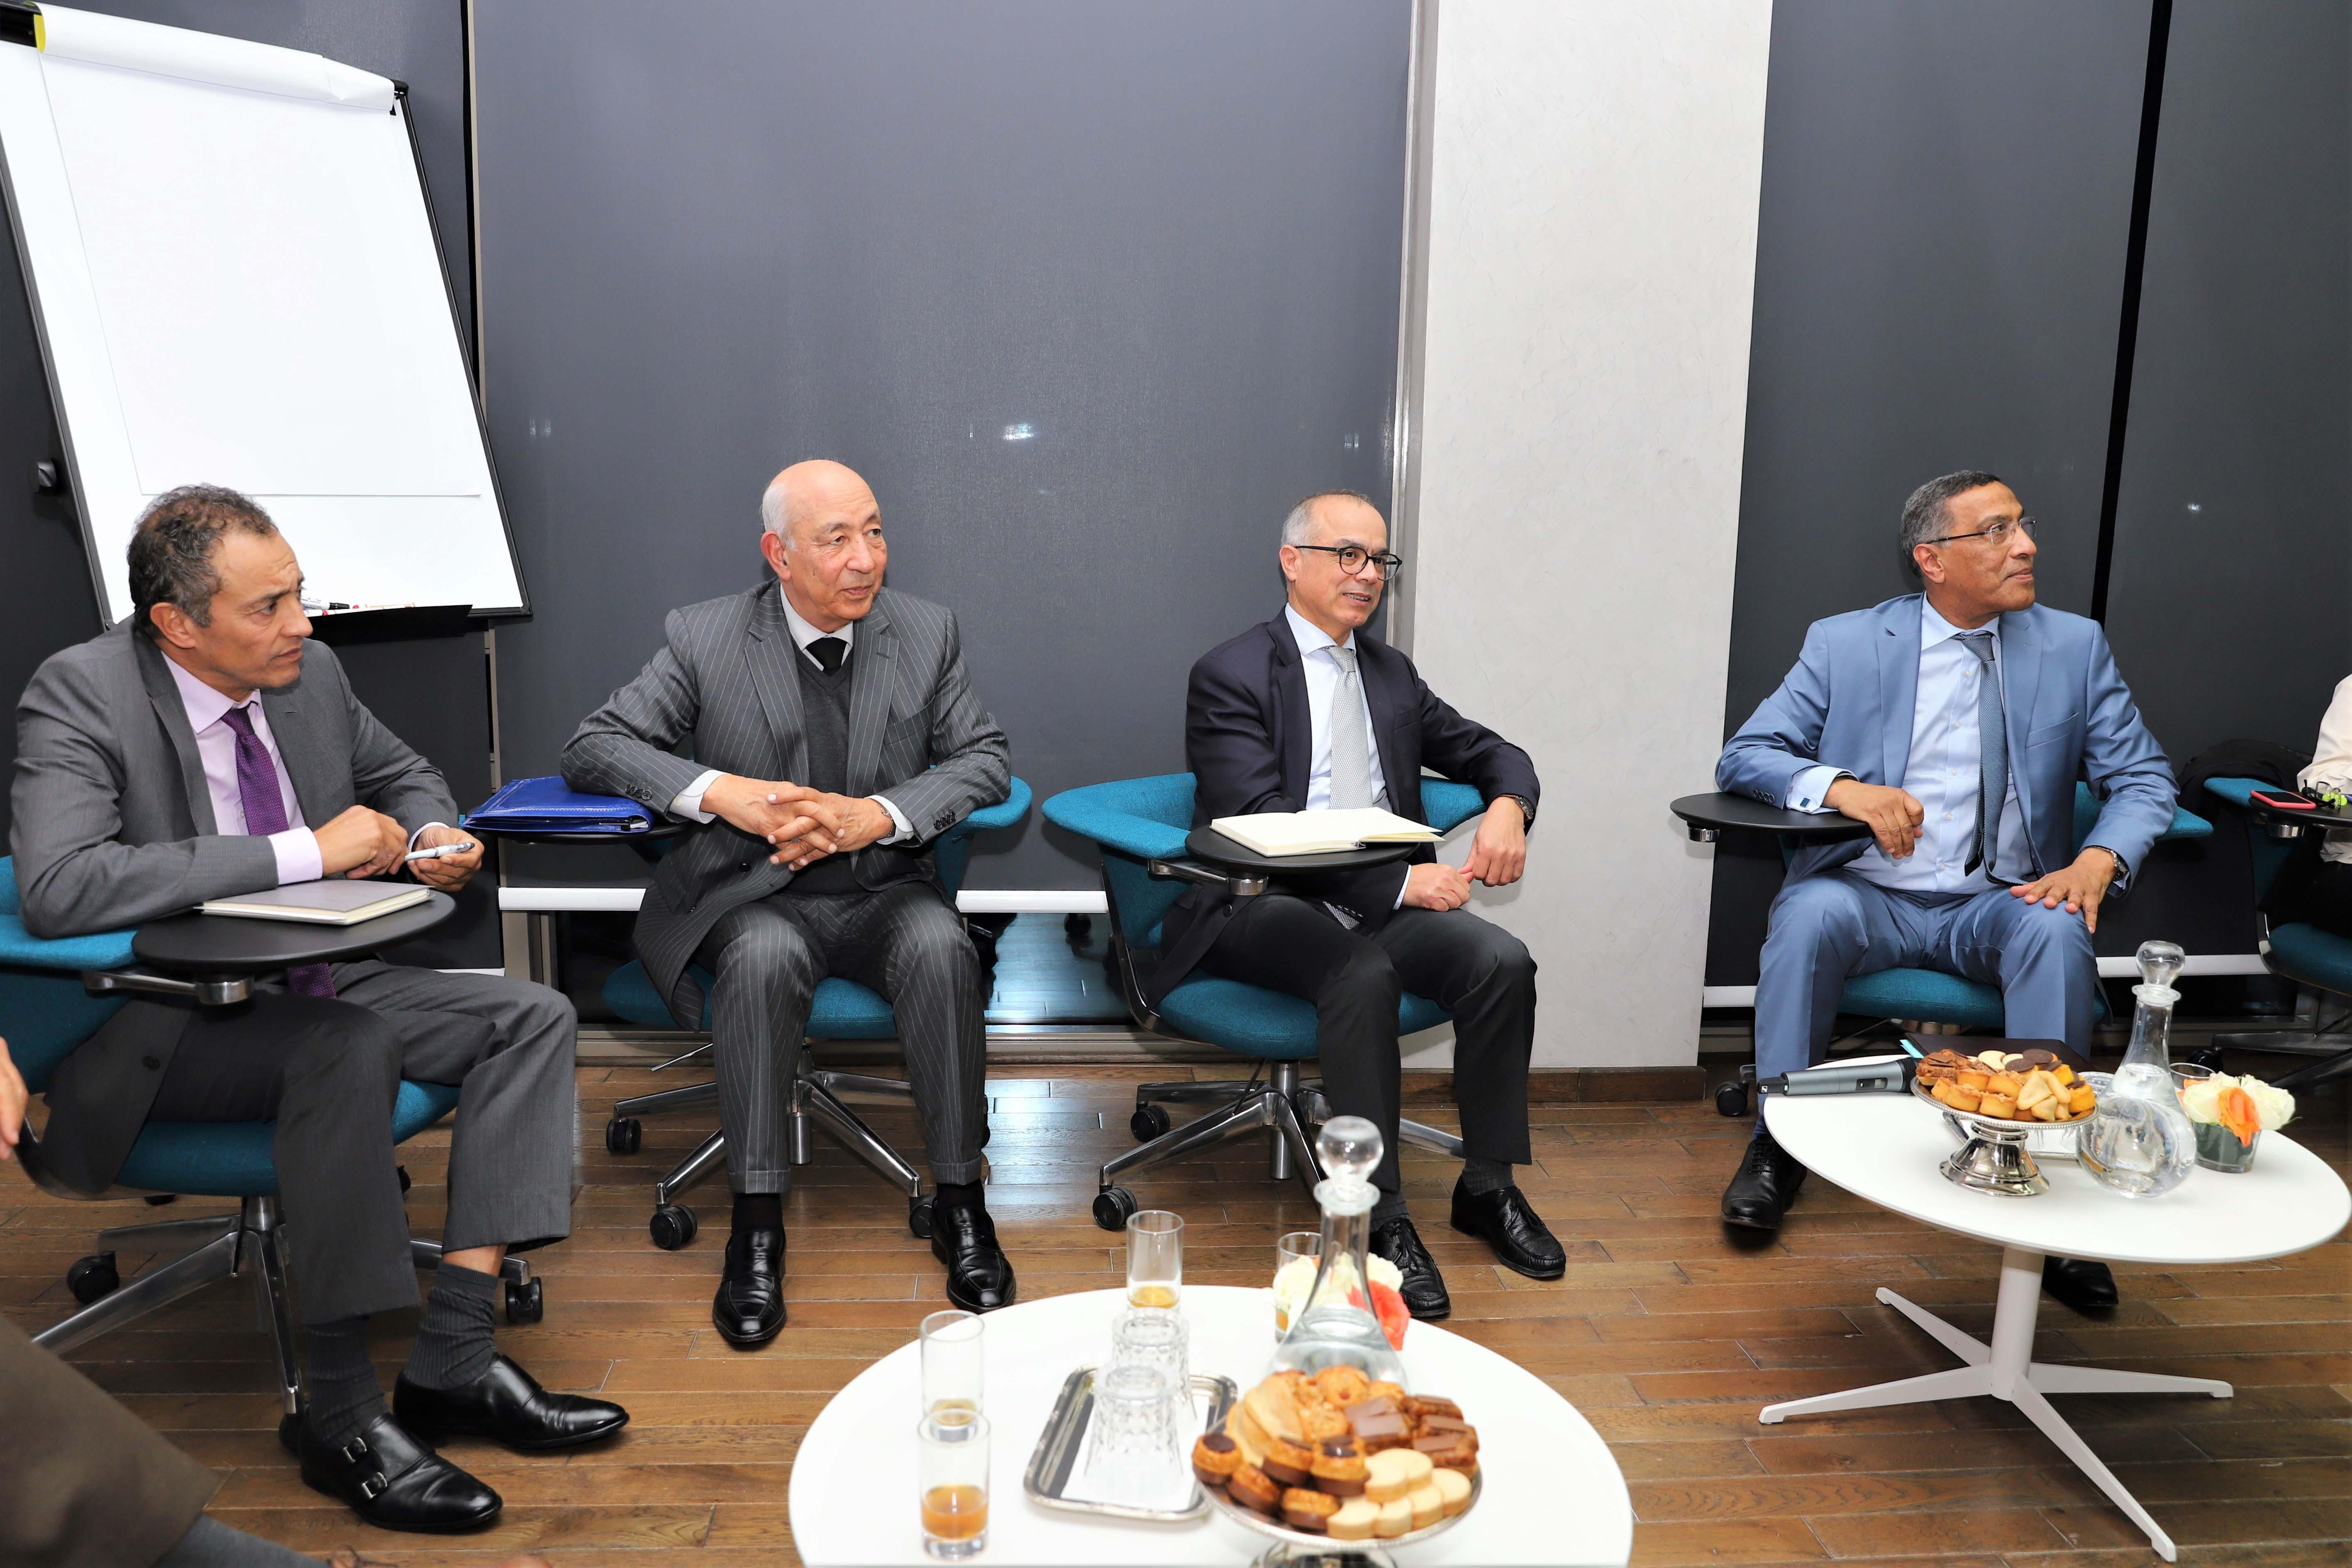 النموذج التنموي الجديد: الاتحاد المغربي للشغل يدعو لضمان ظروف العمل اللائق وتحقيق العدالة الجبائية